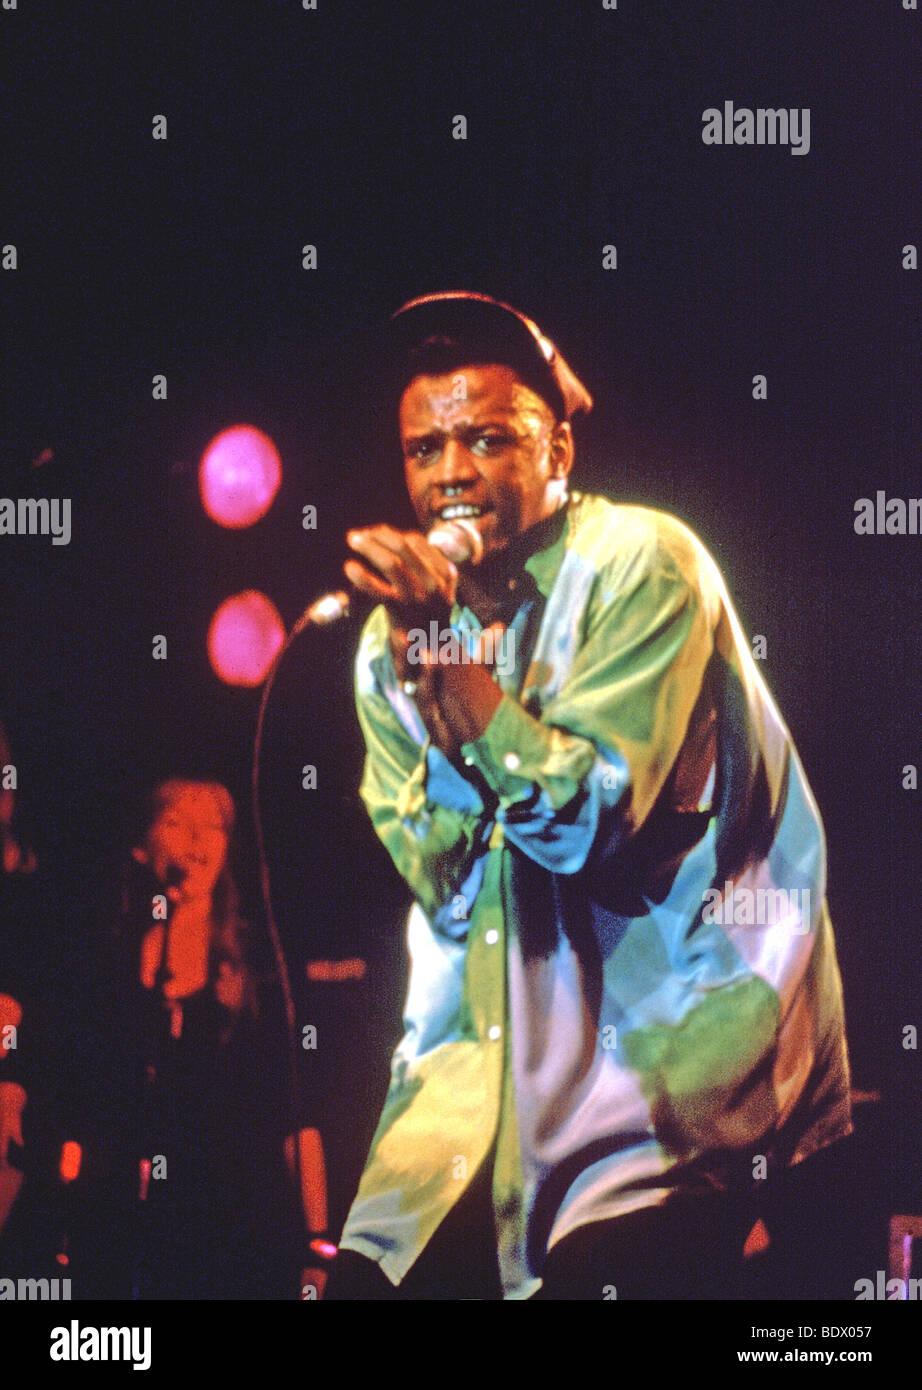 DAVID GRANT - cantante británico en 1983 Imagen De Stock